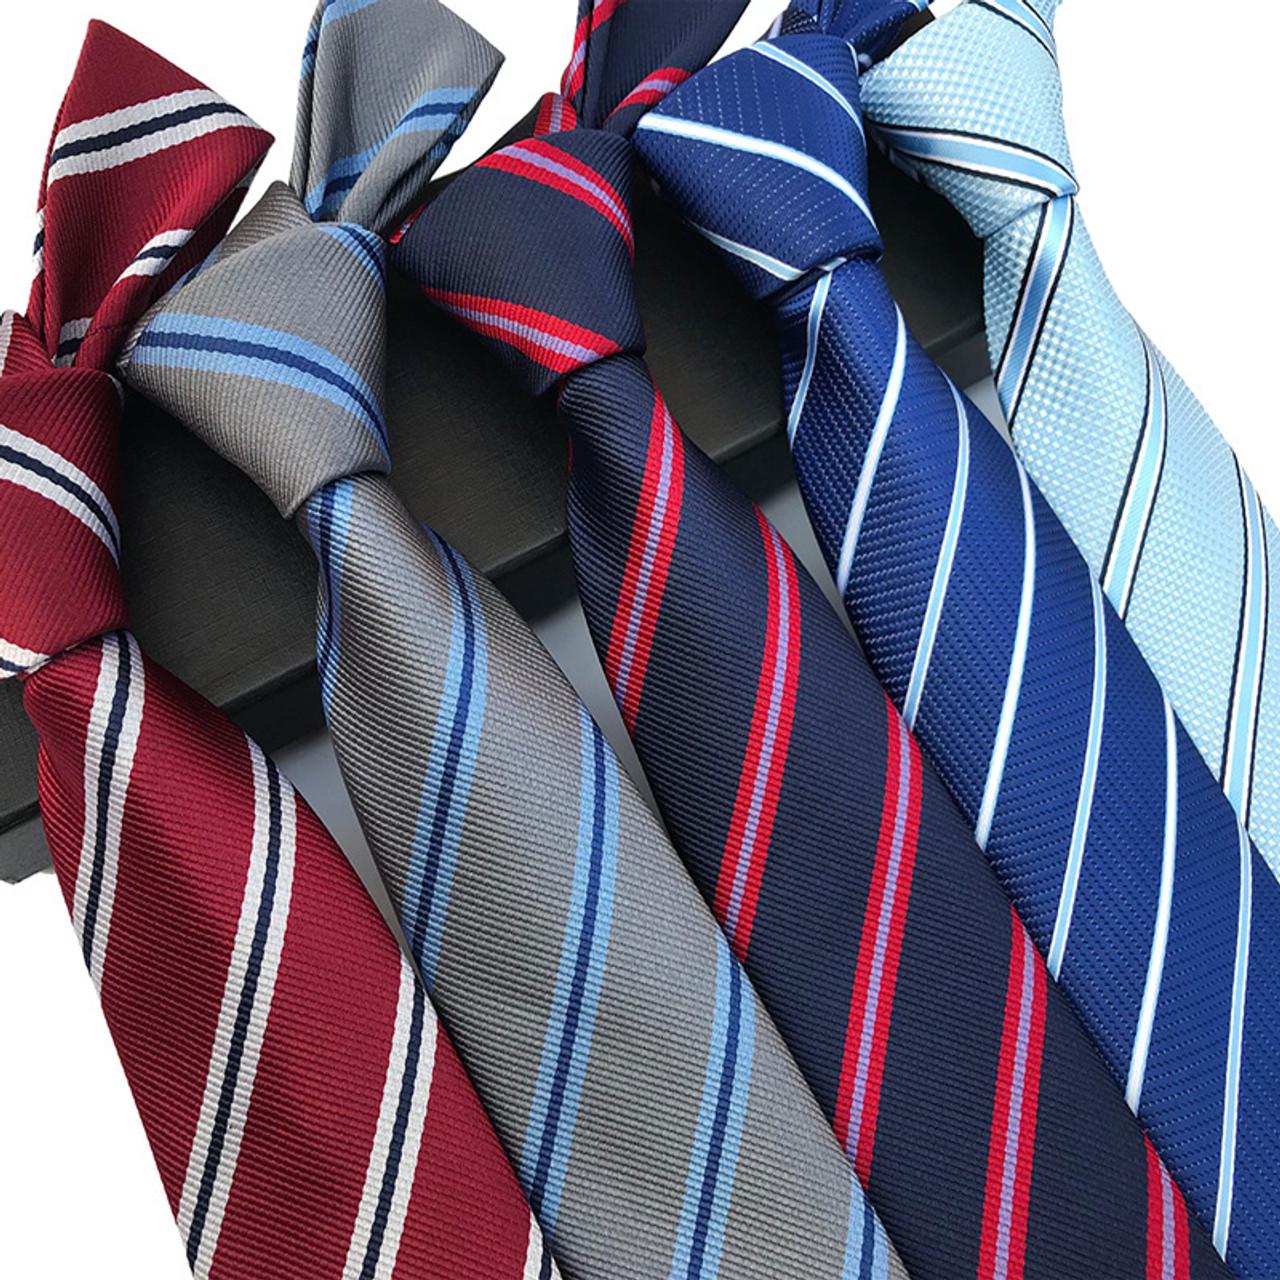 35b7fb1edcc3 ... 39 Colors Classic 8 cm Tie for Man 100% Silk Tie Luxury Plaid Dots  Business ...